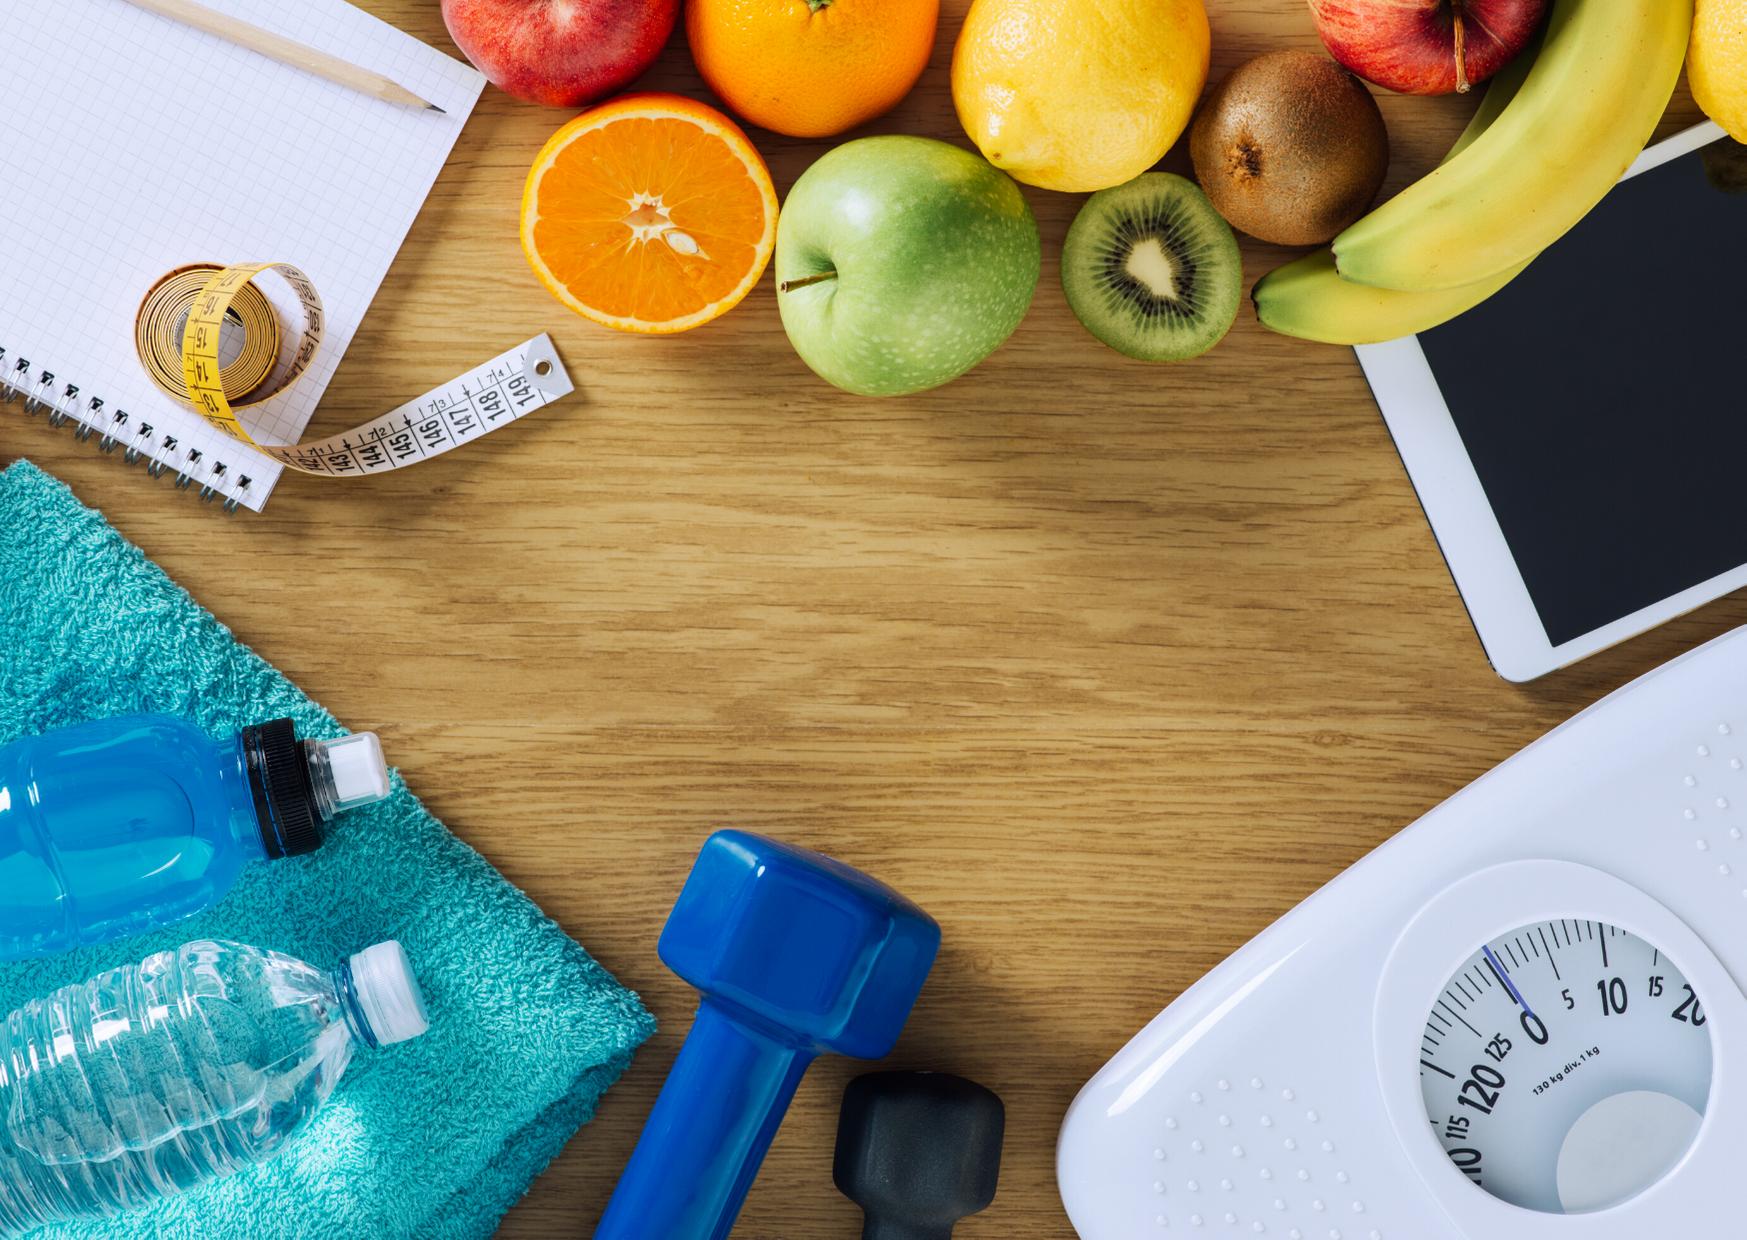 perda de peso atraves de exercicios, dieta e acompanhamento medico